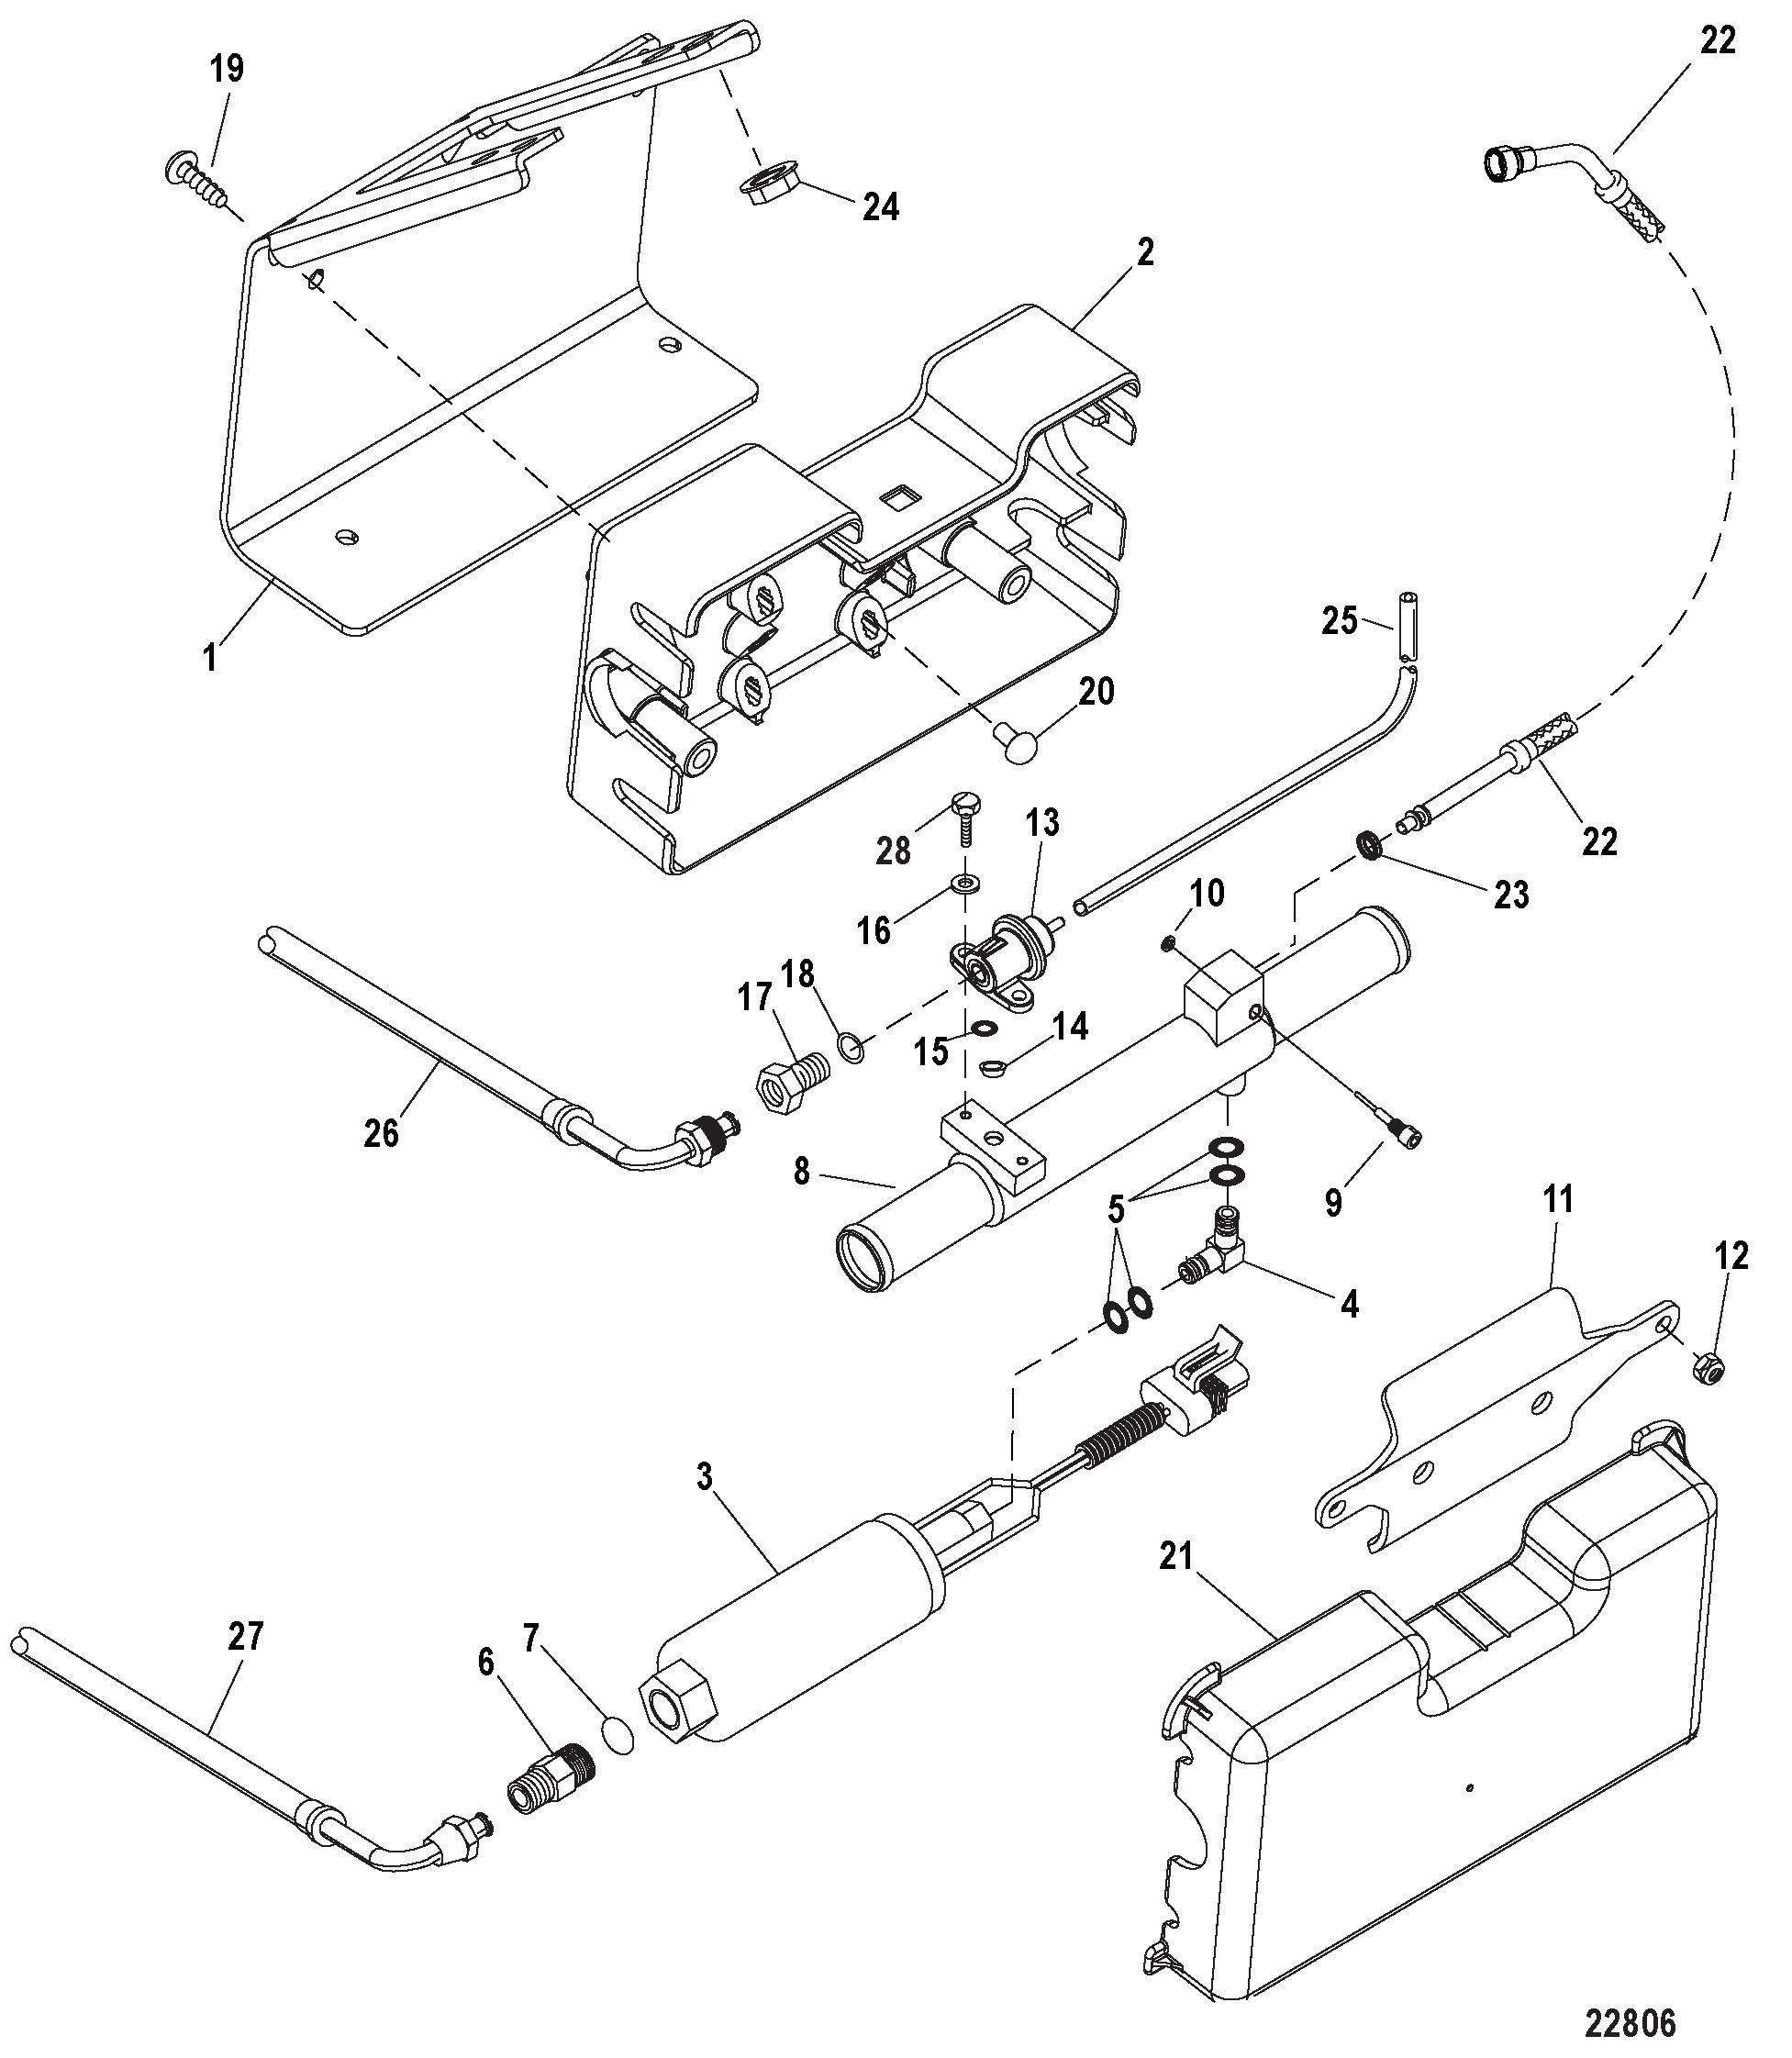 tags: #496 mercruiser mpi ignition#mercruiser 350 wiring diagram#mercruiser thunderbolt  v ignition module#2000 mercruiser 496 ignition diagram#165